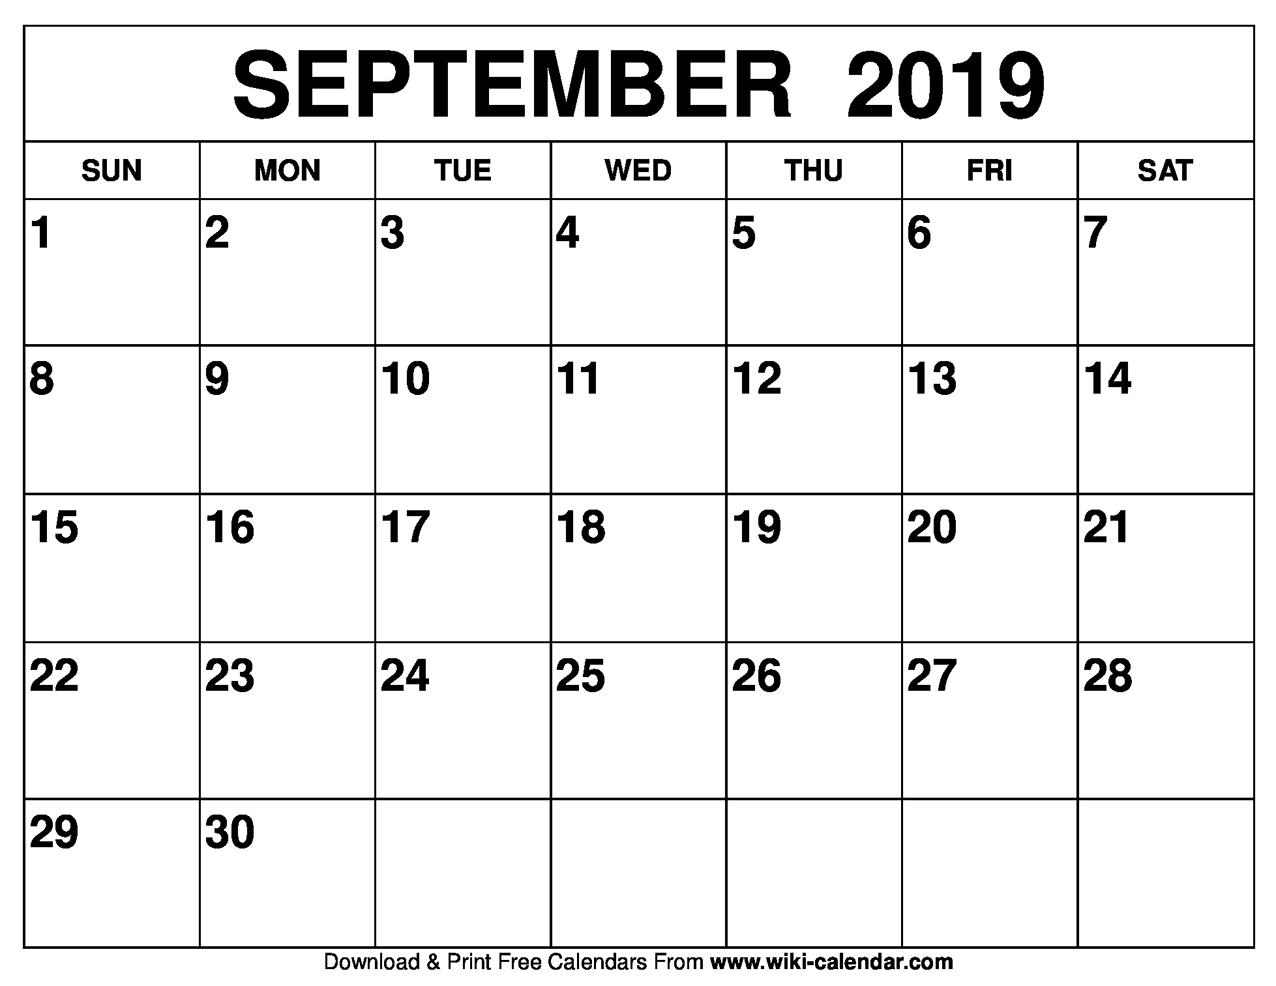 Blank September 2019 Calendar Printable regarding Calendar Of The Month Of September